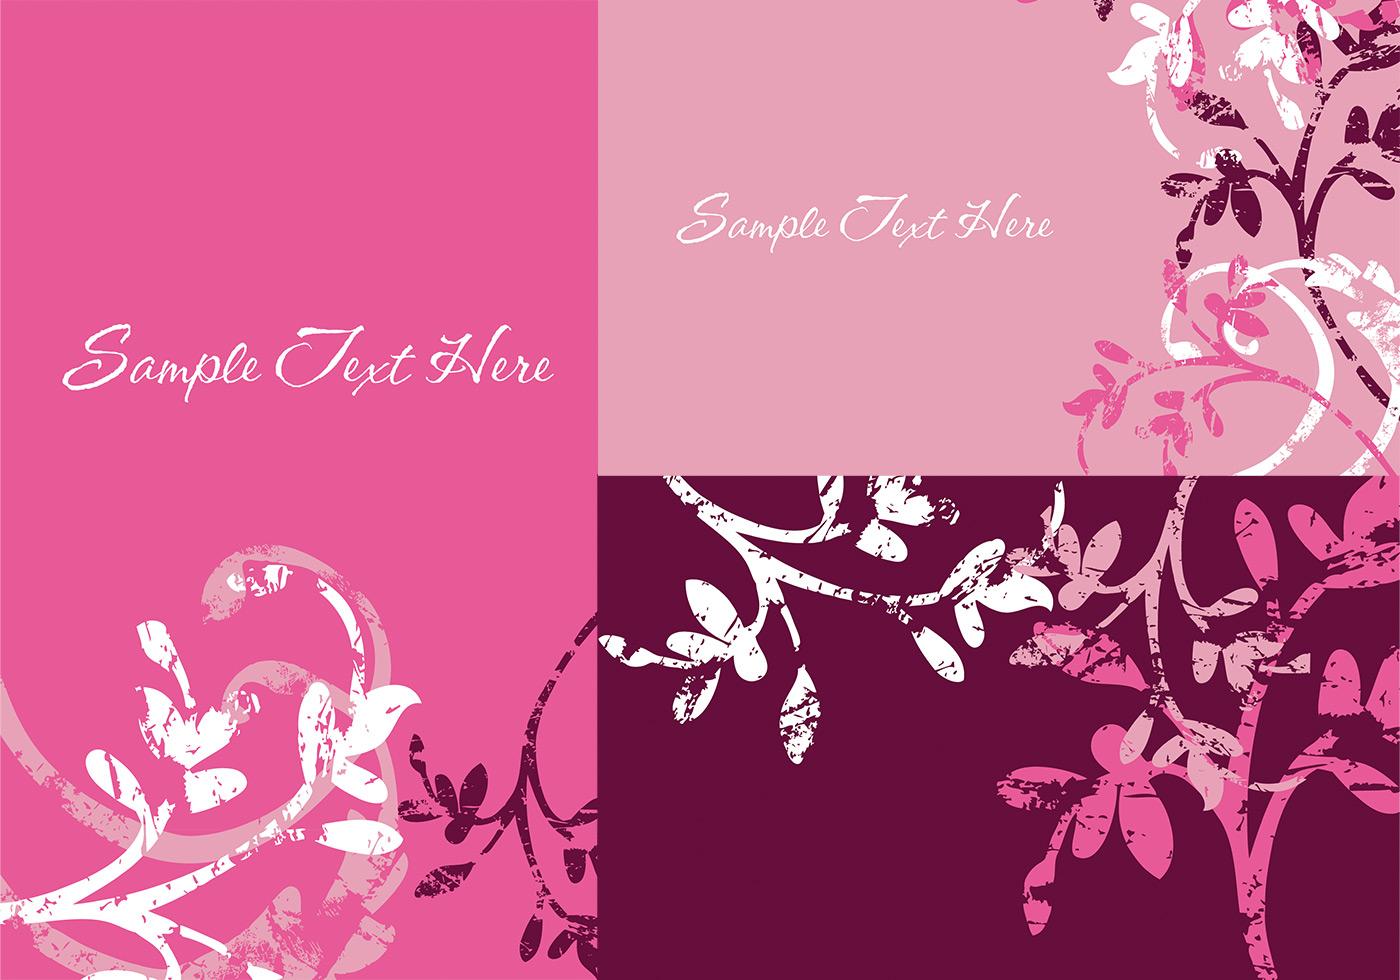 Grunge Floral Photoshop Hintergrundbilder - Kostenlose Photoshop ...